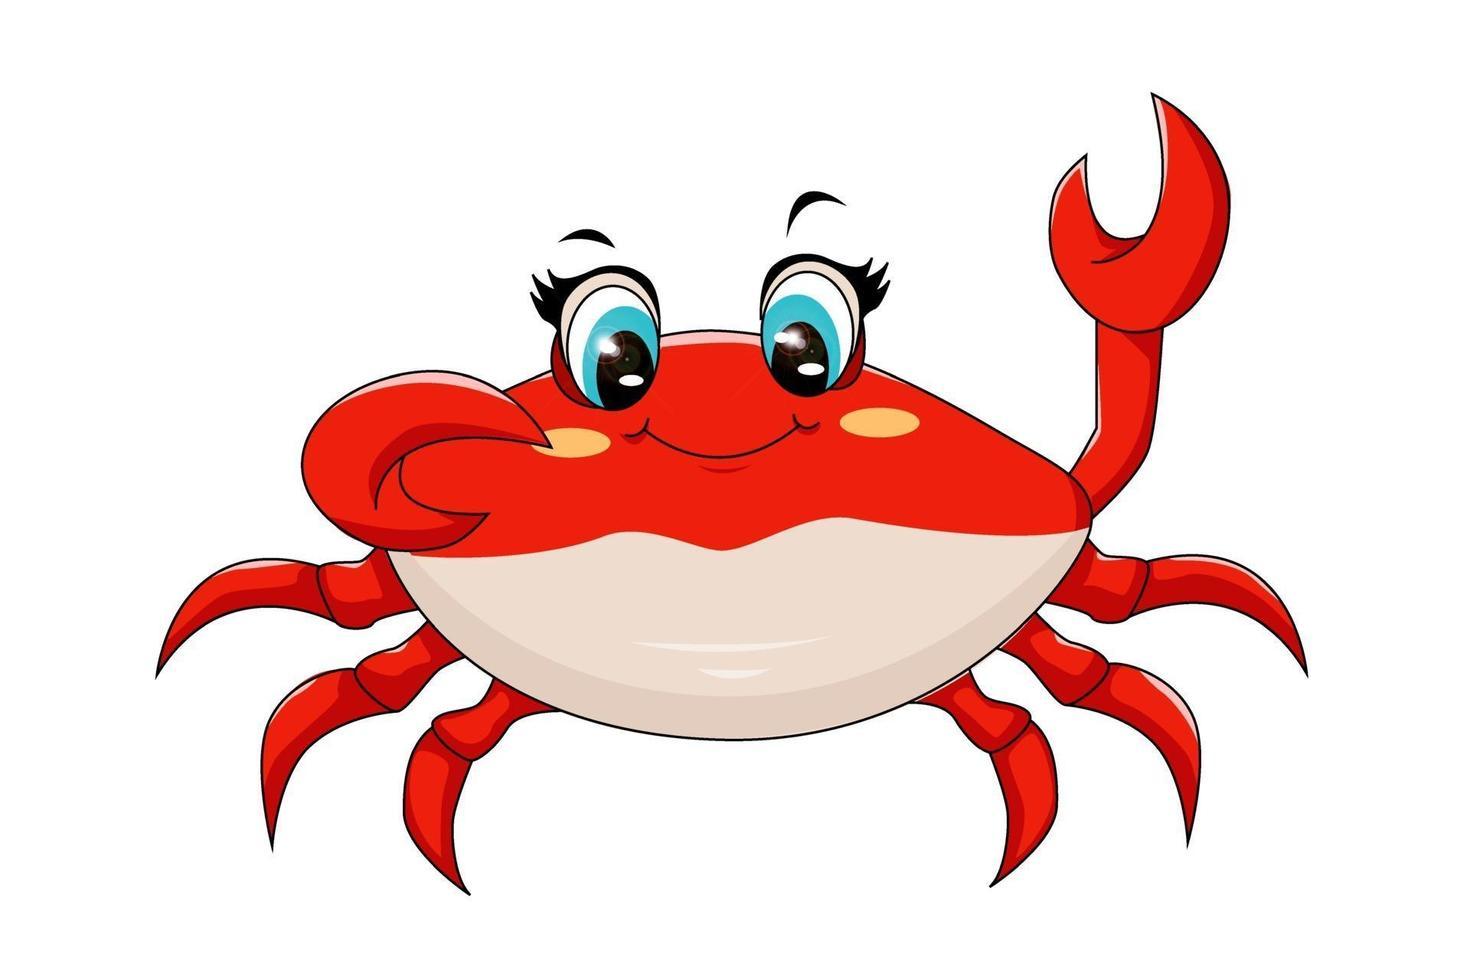 um caranguejo vermelho fofo com olhos azuis, desenho de ilustração vetorial de desenho animado vetor